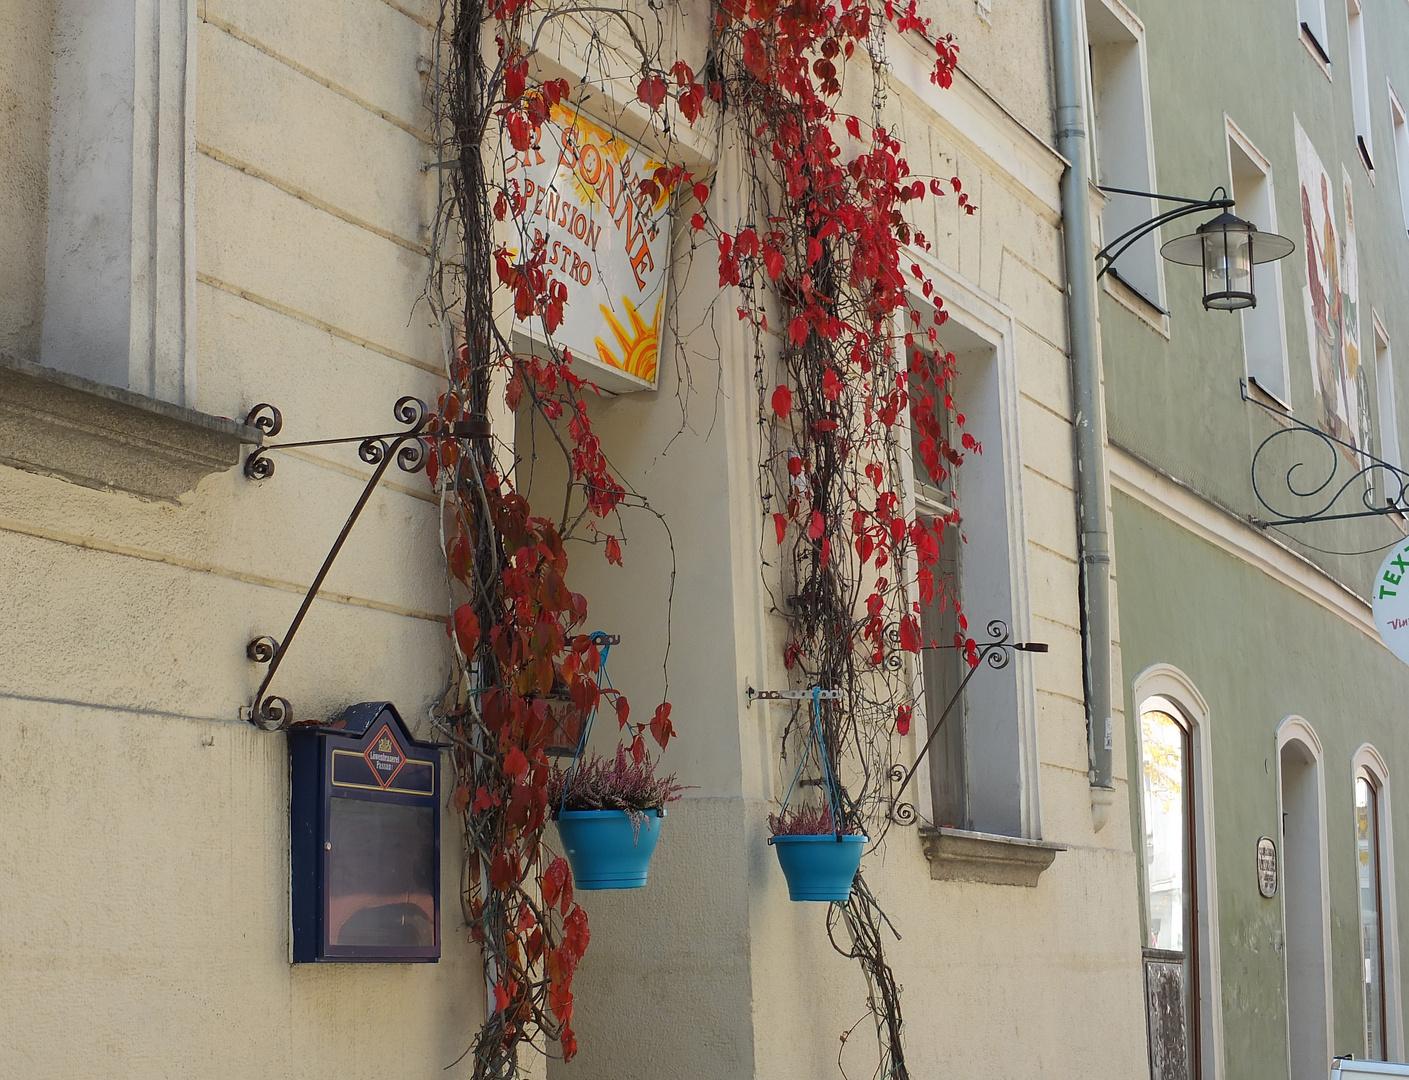 Idyll in Passau